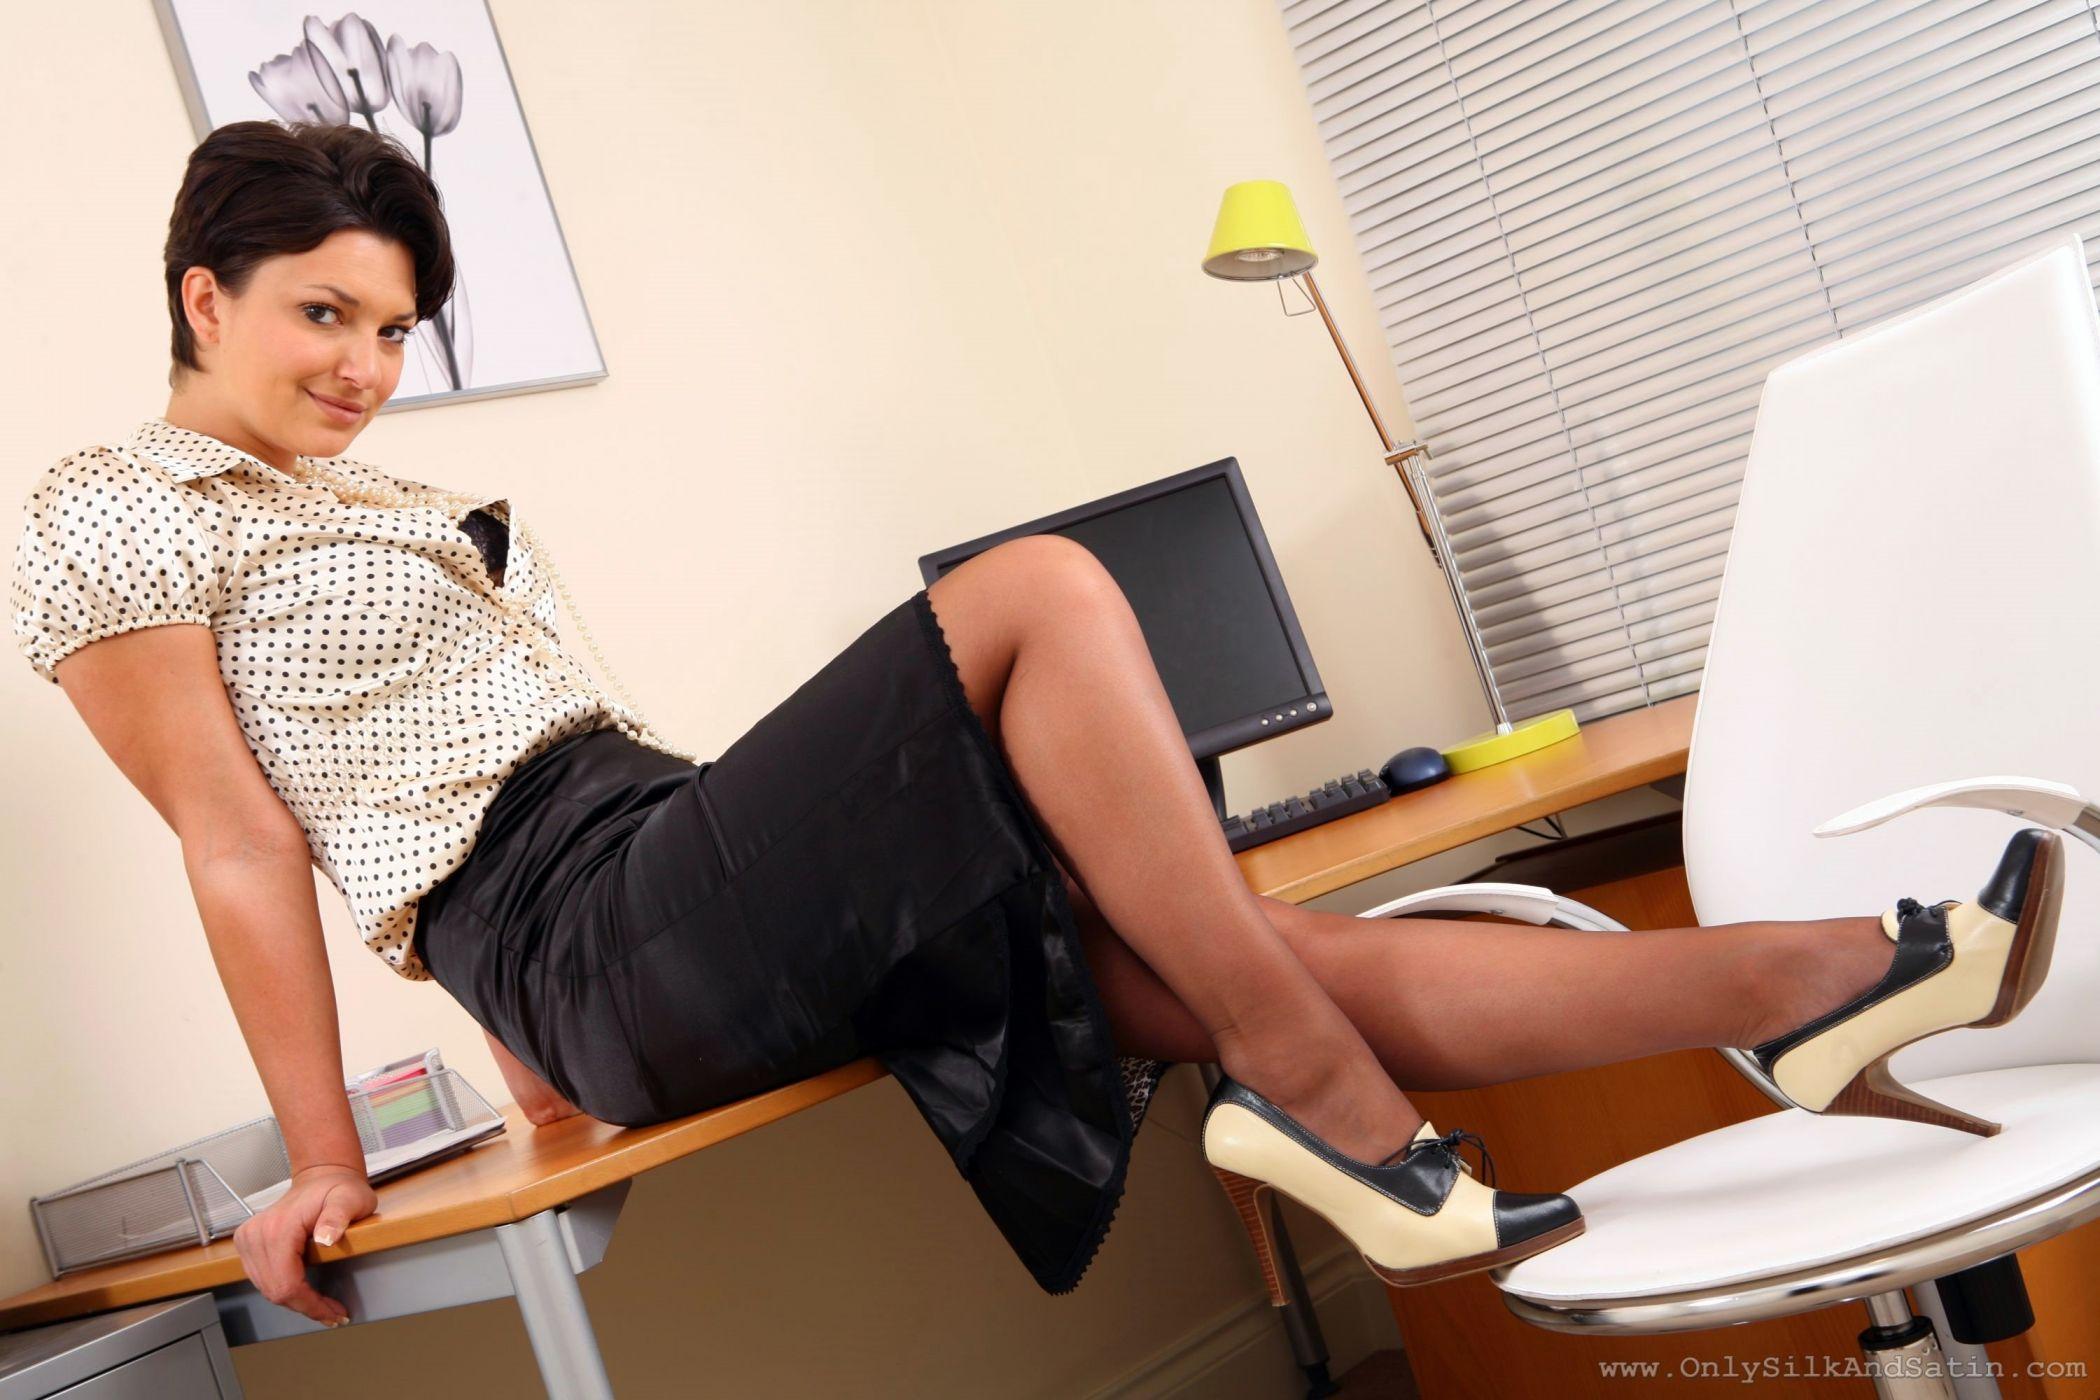 Вдул секретарь фото, самая страшная вагина в мире фото